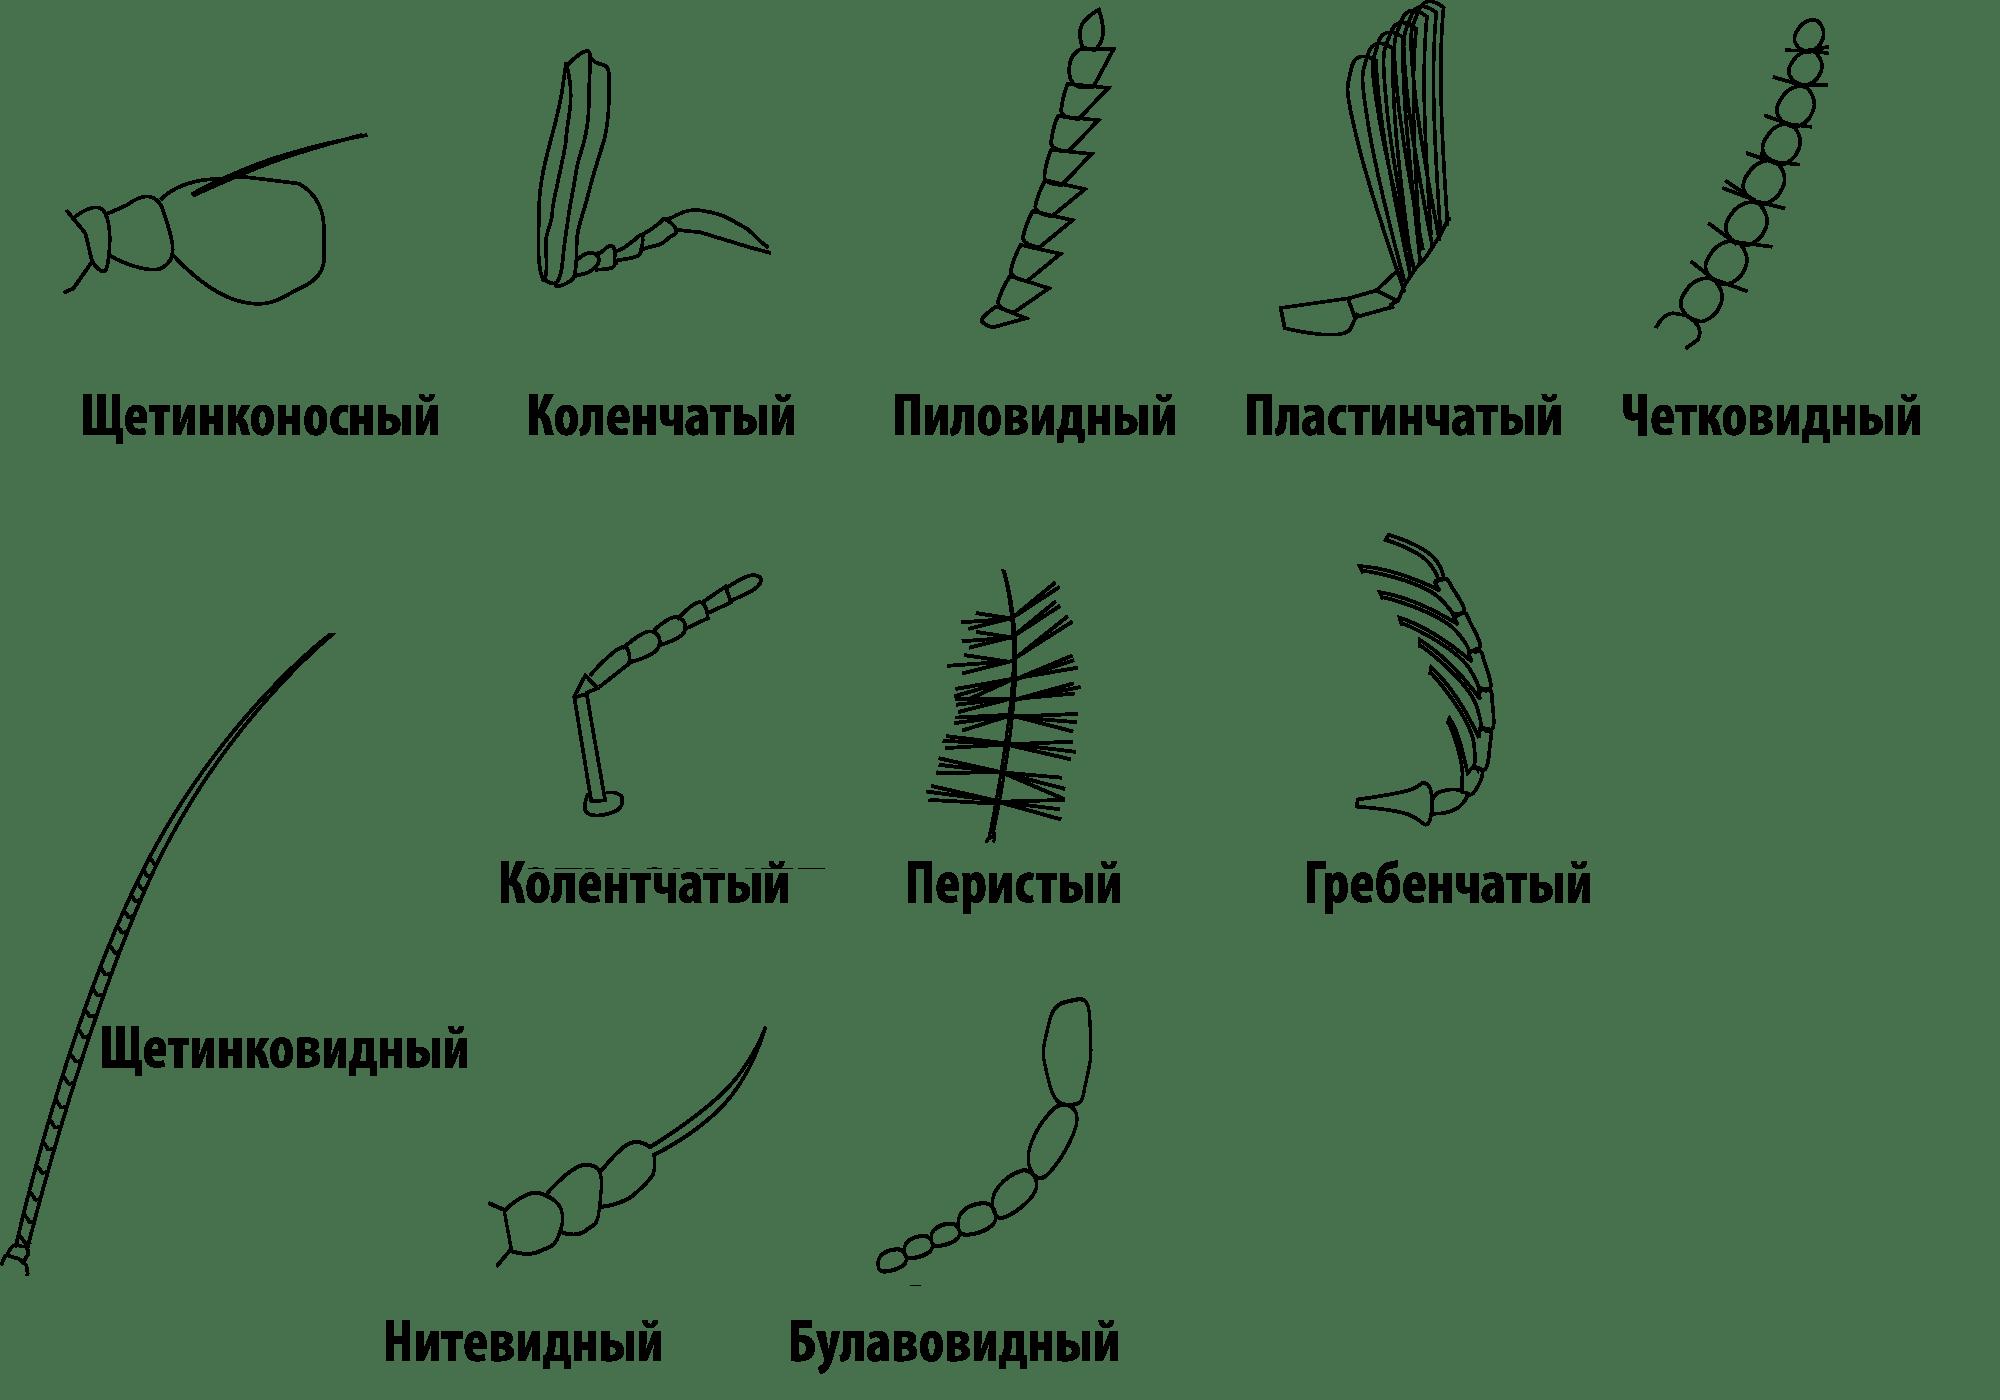 Grasshopper Anatomy Worksheet